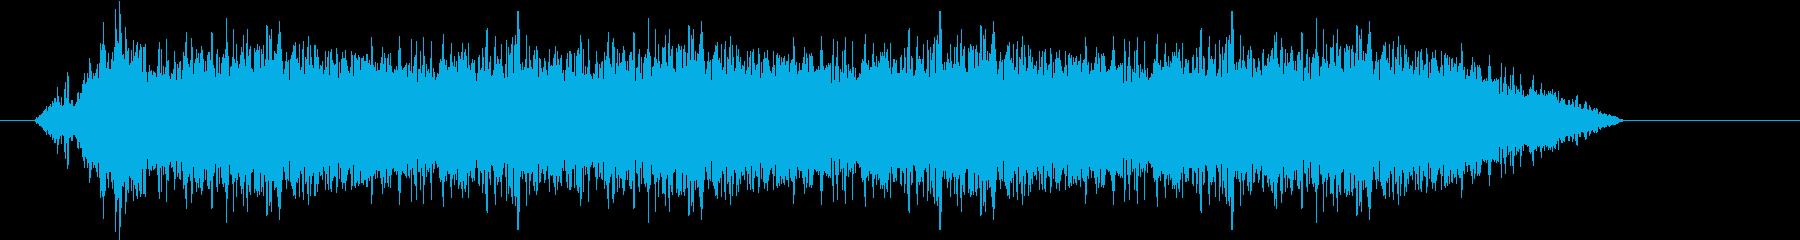 ガスヒーター;ガスヒーターがオンに...の再生済みの波形